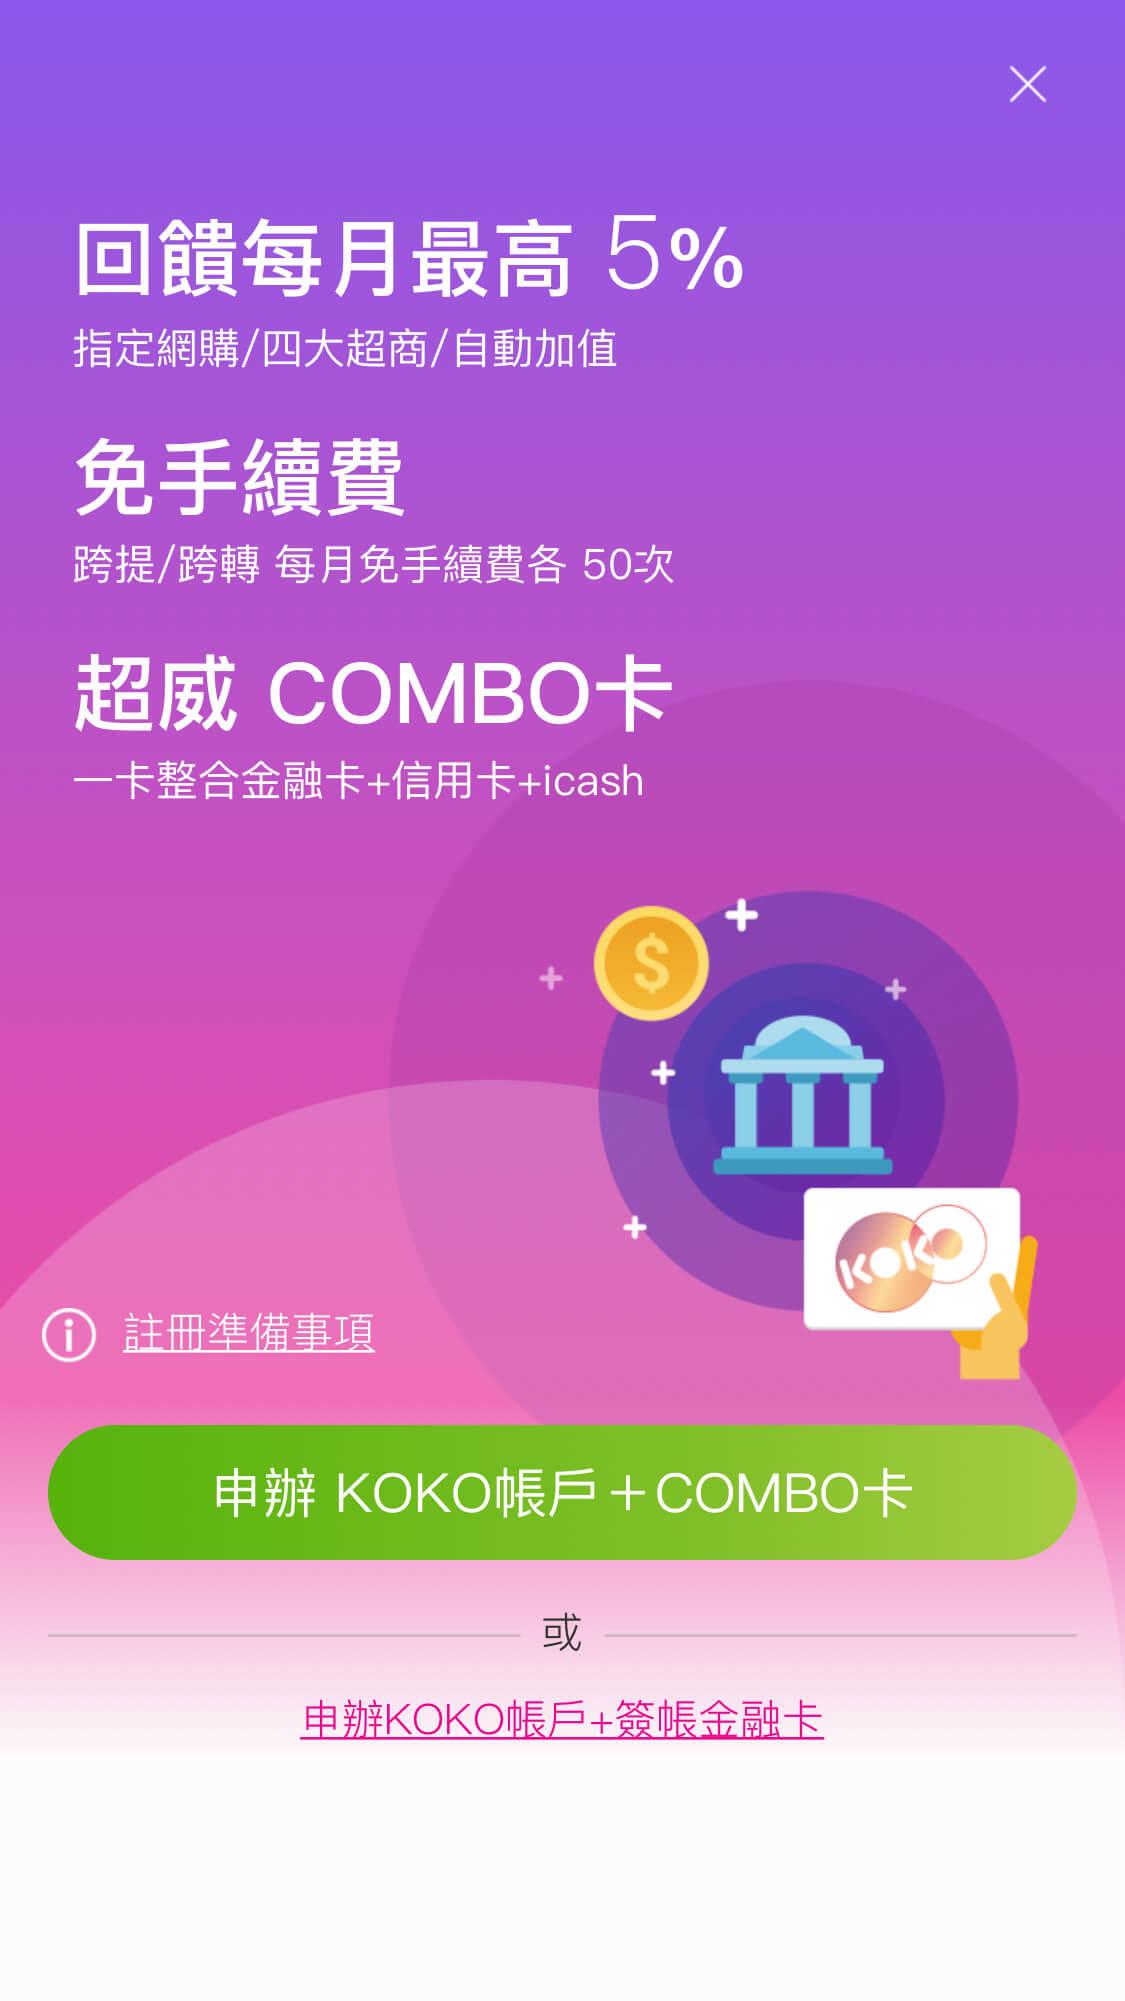 KOKO 數位銀行 - 成就你偉大的小事